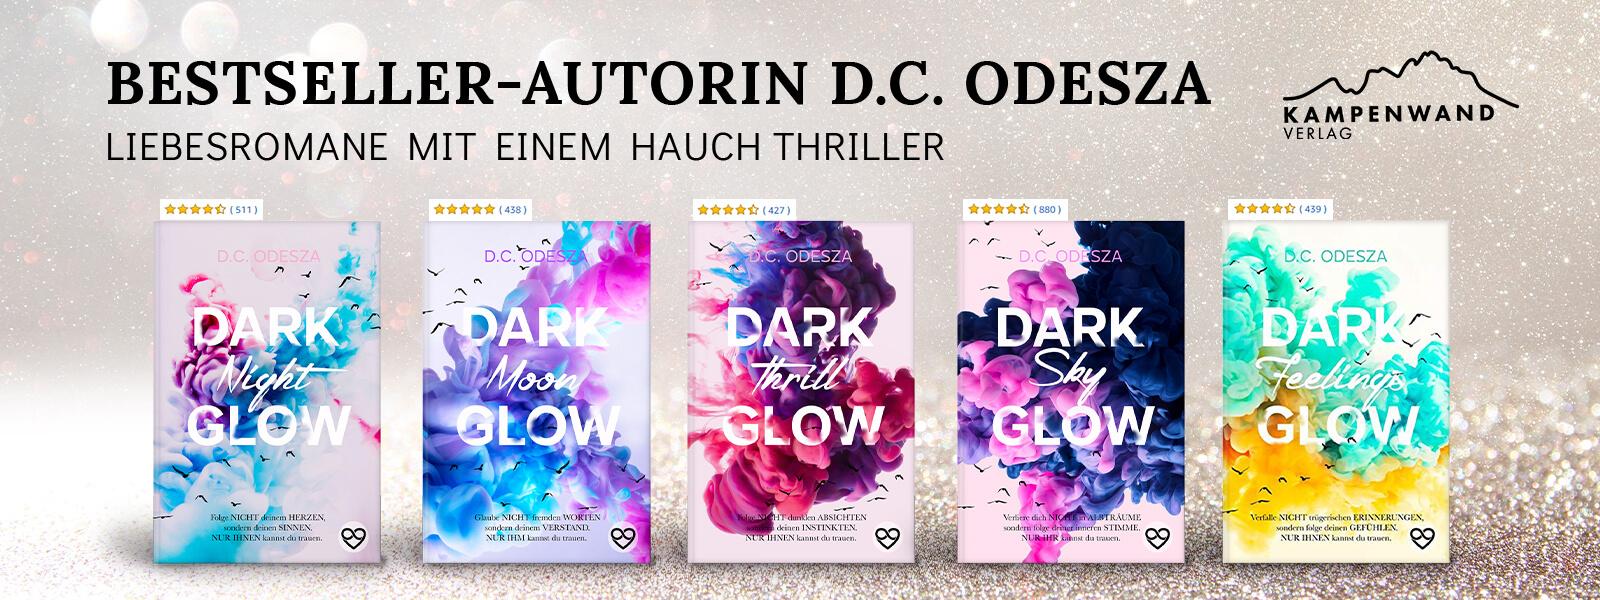 Bestseller-Bücher von Autorin D.C. Odesza